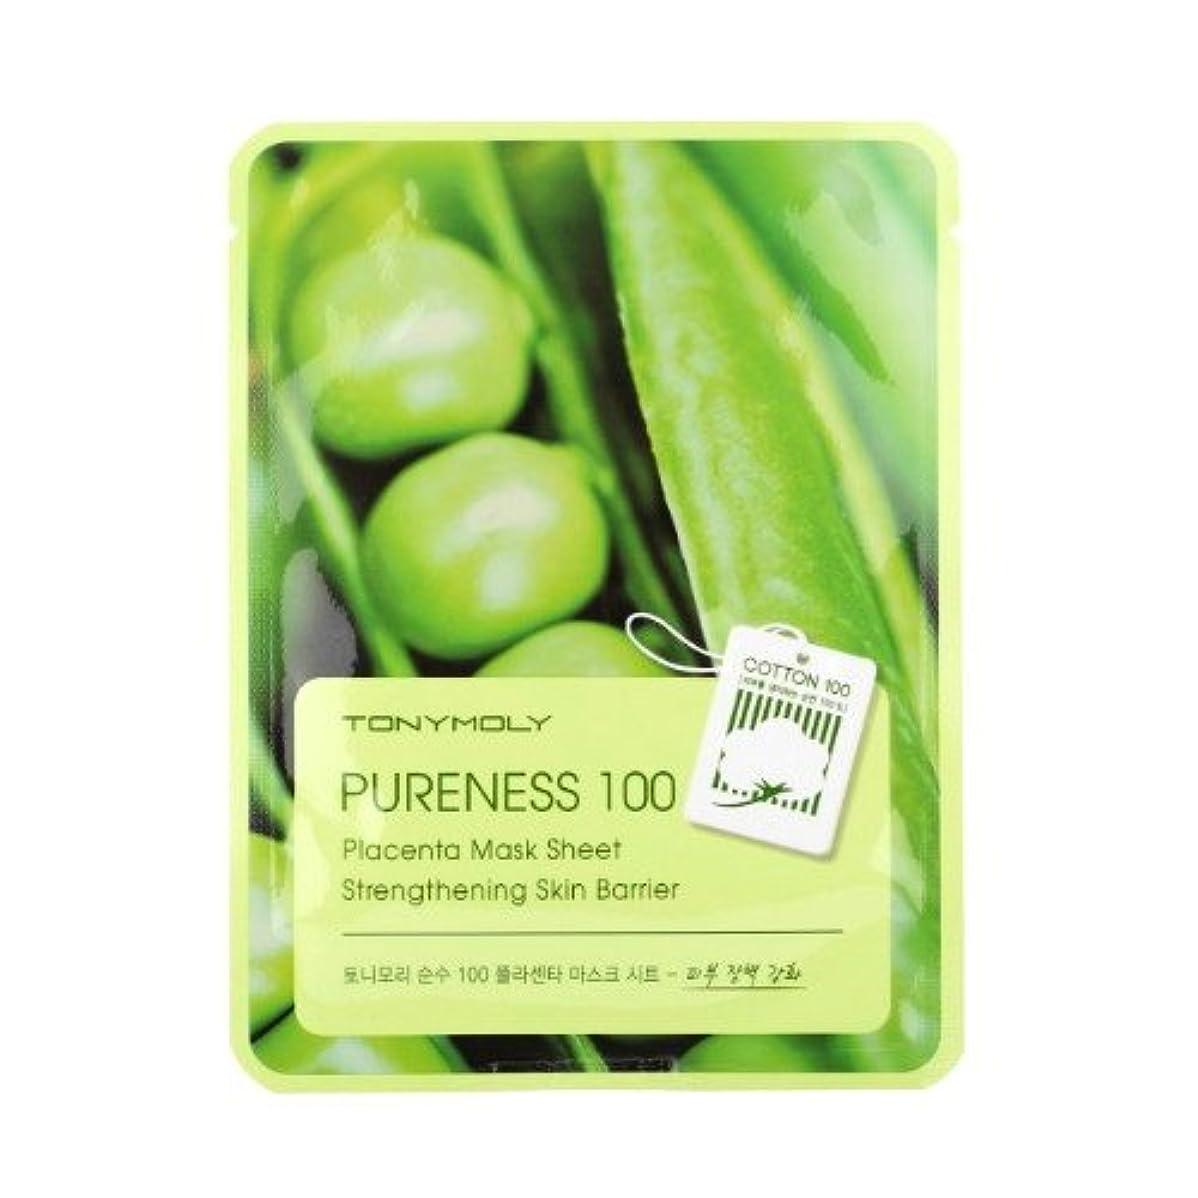 ドライブ遊びます汚い(3 Pack) TONYMOLY Pureness 100 Placenta Mask Sheet Strengthening Skin Barrier (並行輸入品)